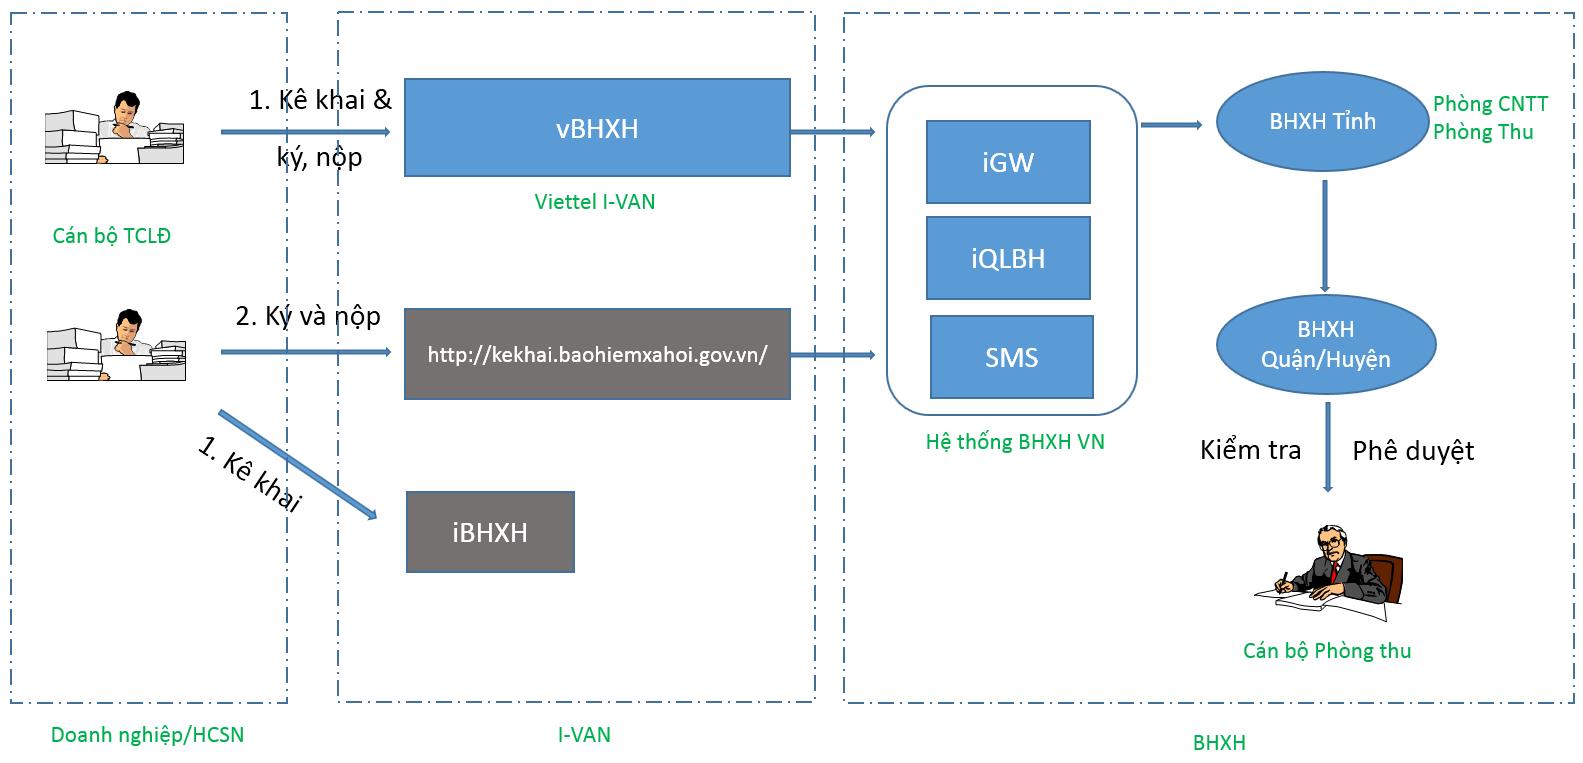 mô hình kết nối phần mềm kê khai bảo hiểm xã hội của Viettel